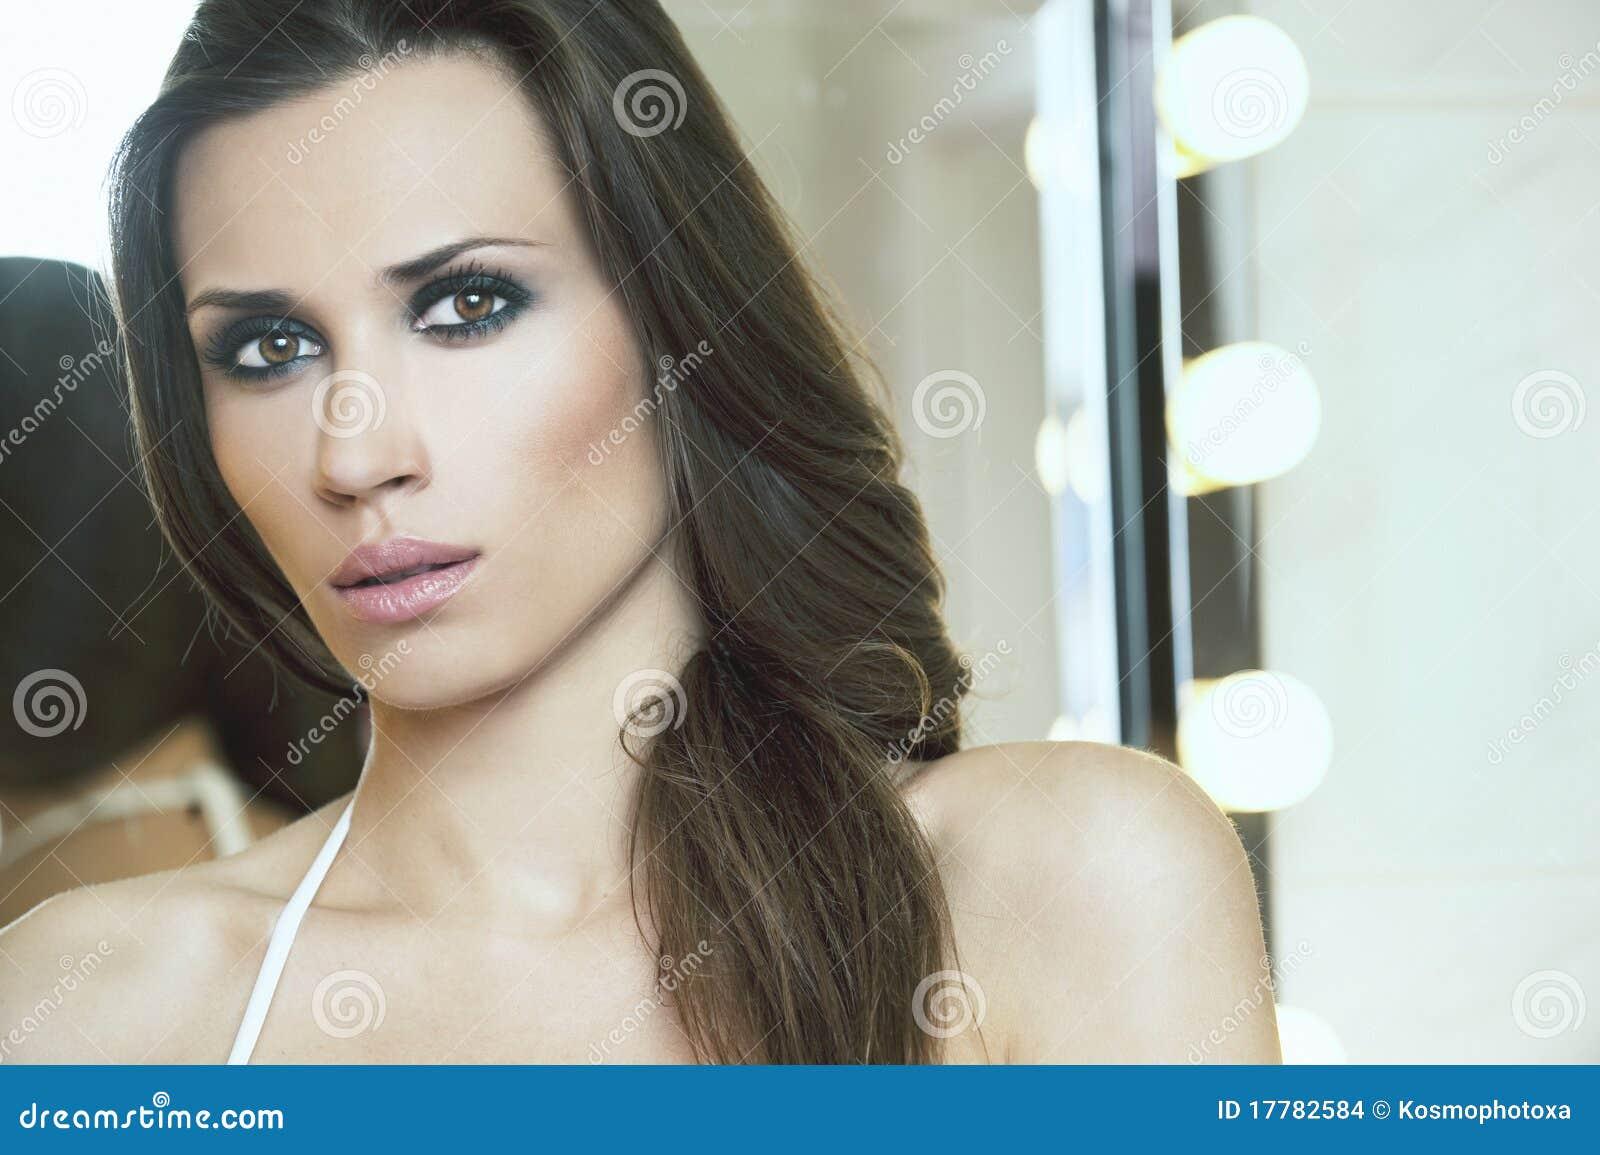 Ritratto di belle donne in stanza da bagno immagini stock immagine 17782584 - Ragazze belle in costume da bagno ...